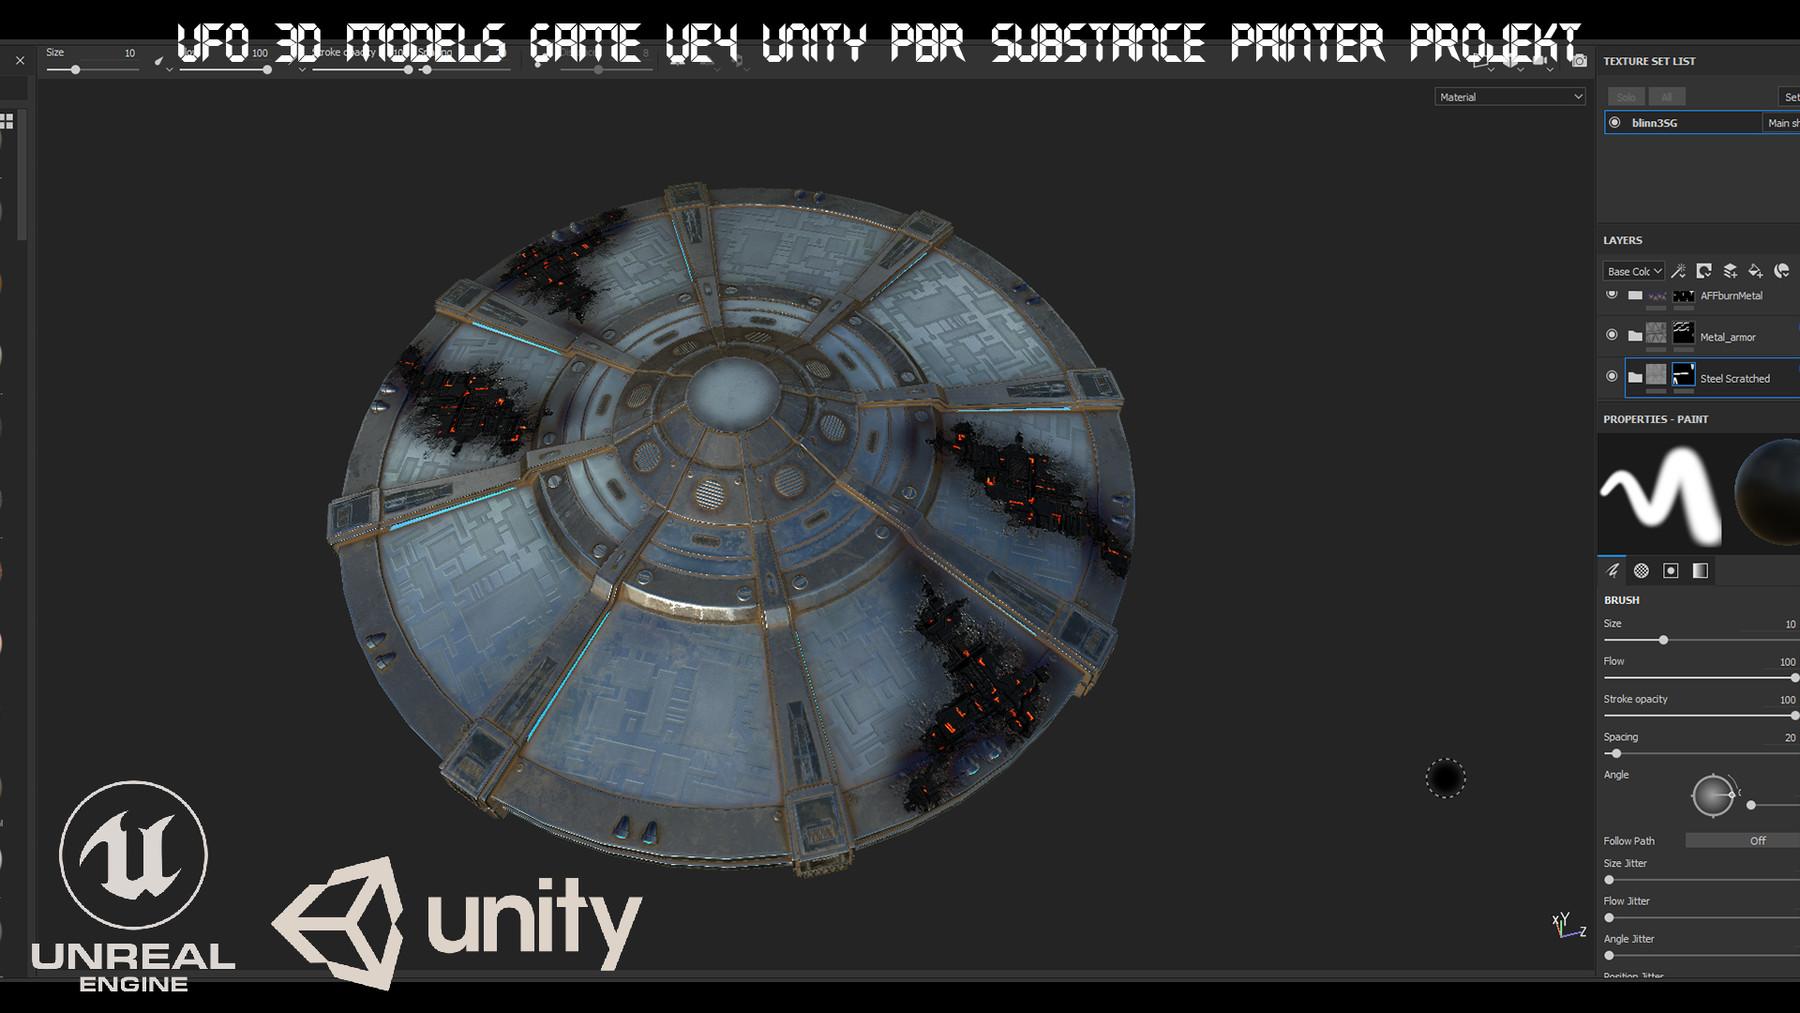 ArtStation - UFO 3d models Game UE4 Unity PBR Substance